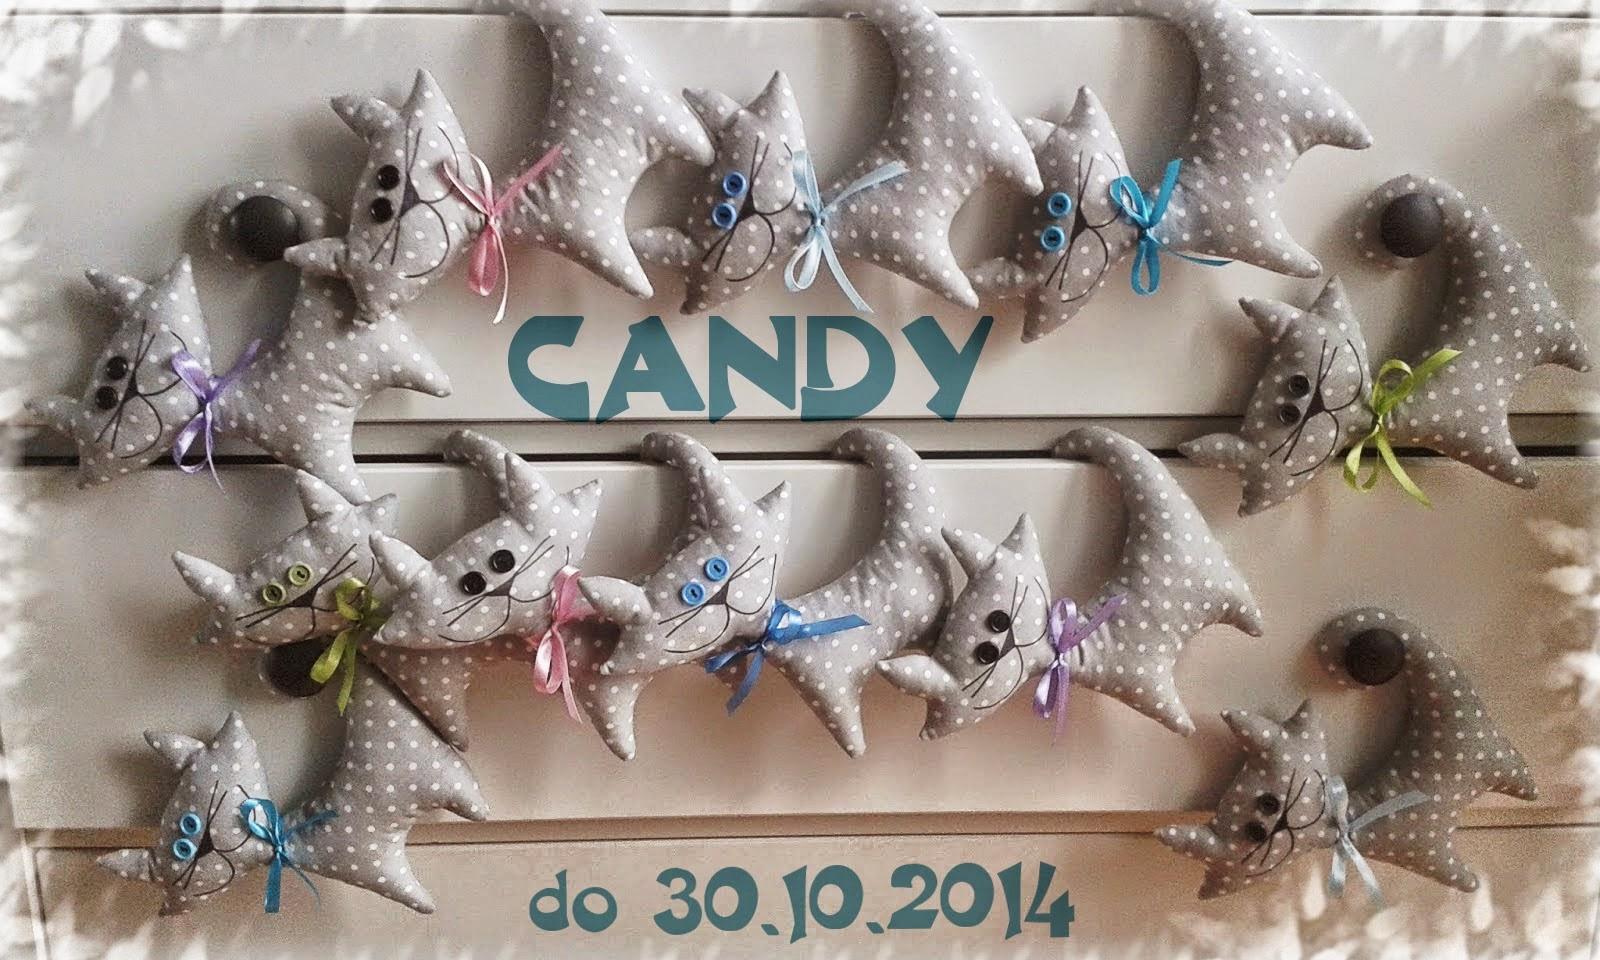 Candy u Anety